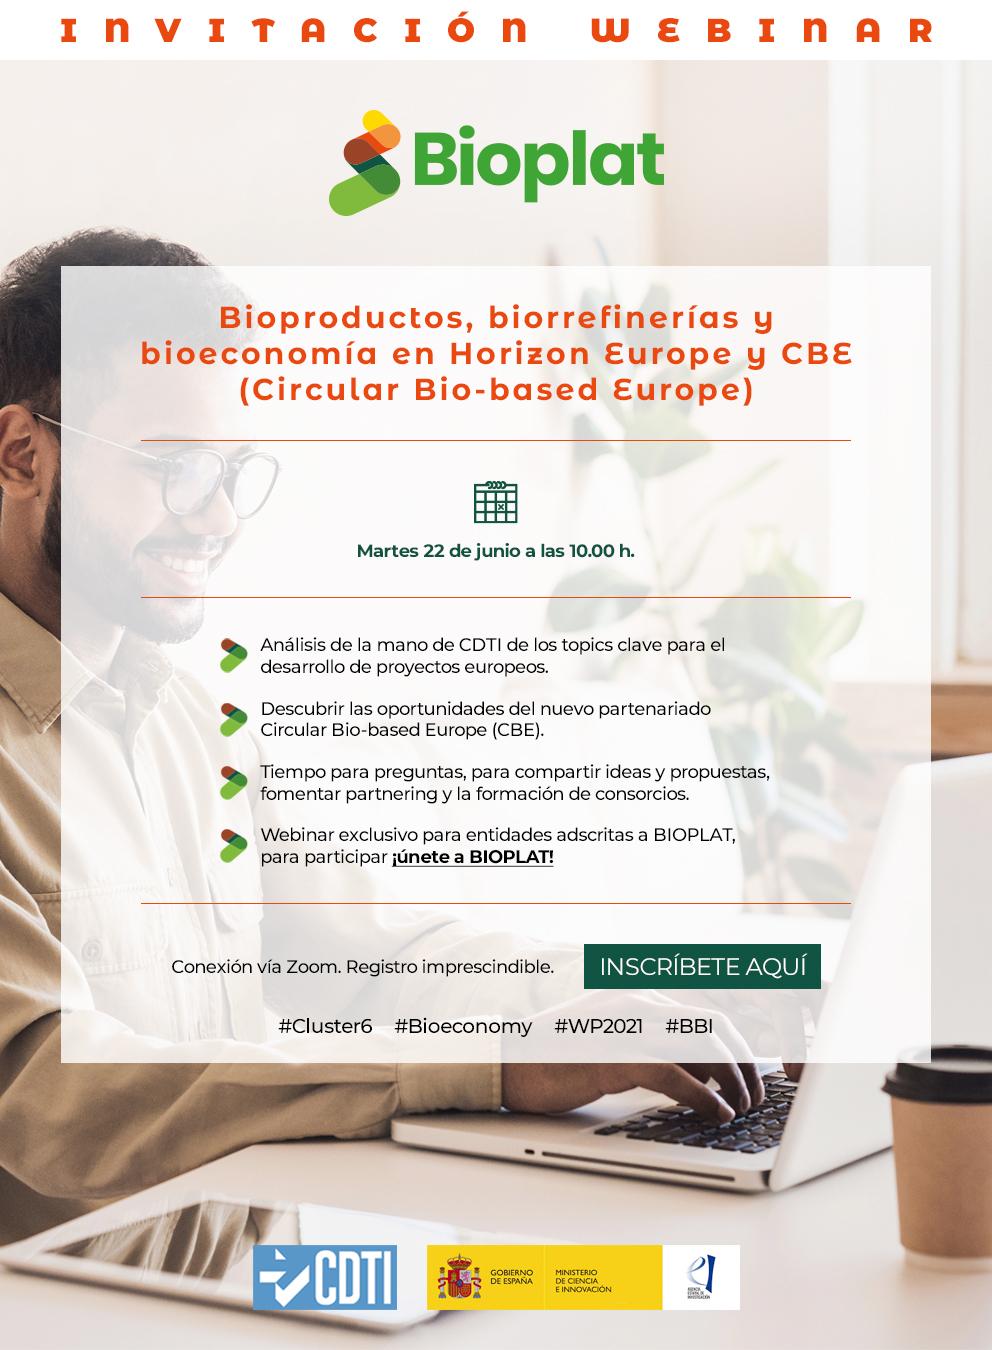 Webinar BIOPLAT / CDTI 'Bioproductos, biorrefinerías y bioeconomía en Horizon Europe y CBE' (22 junio, 10h)